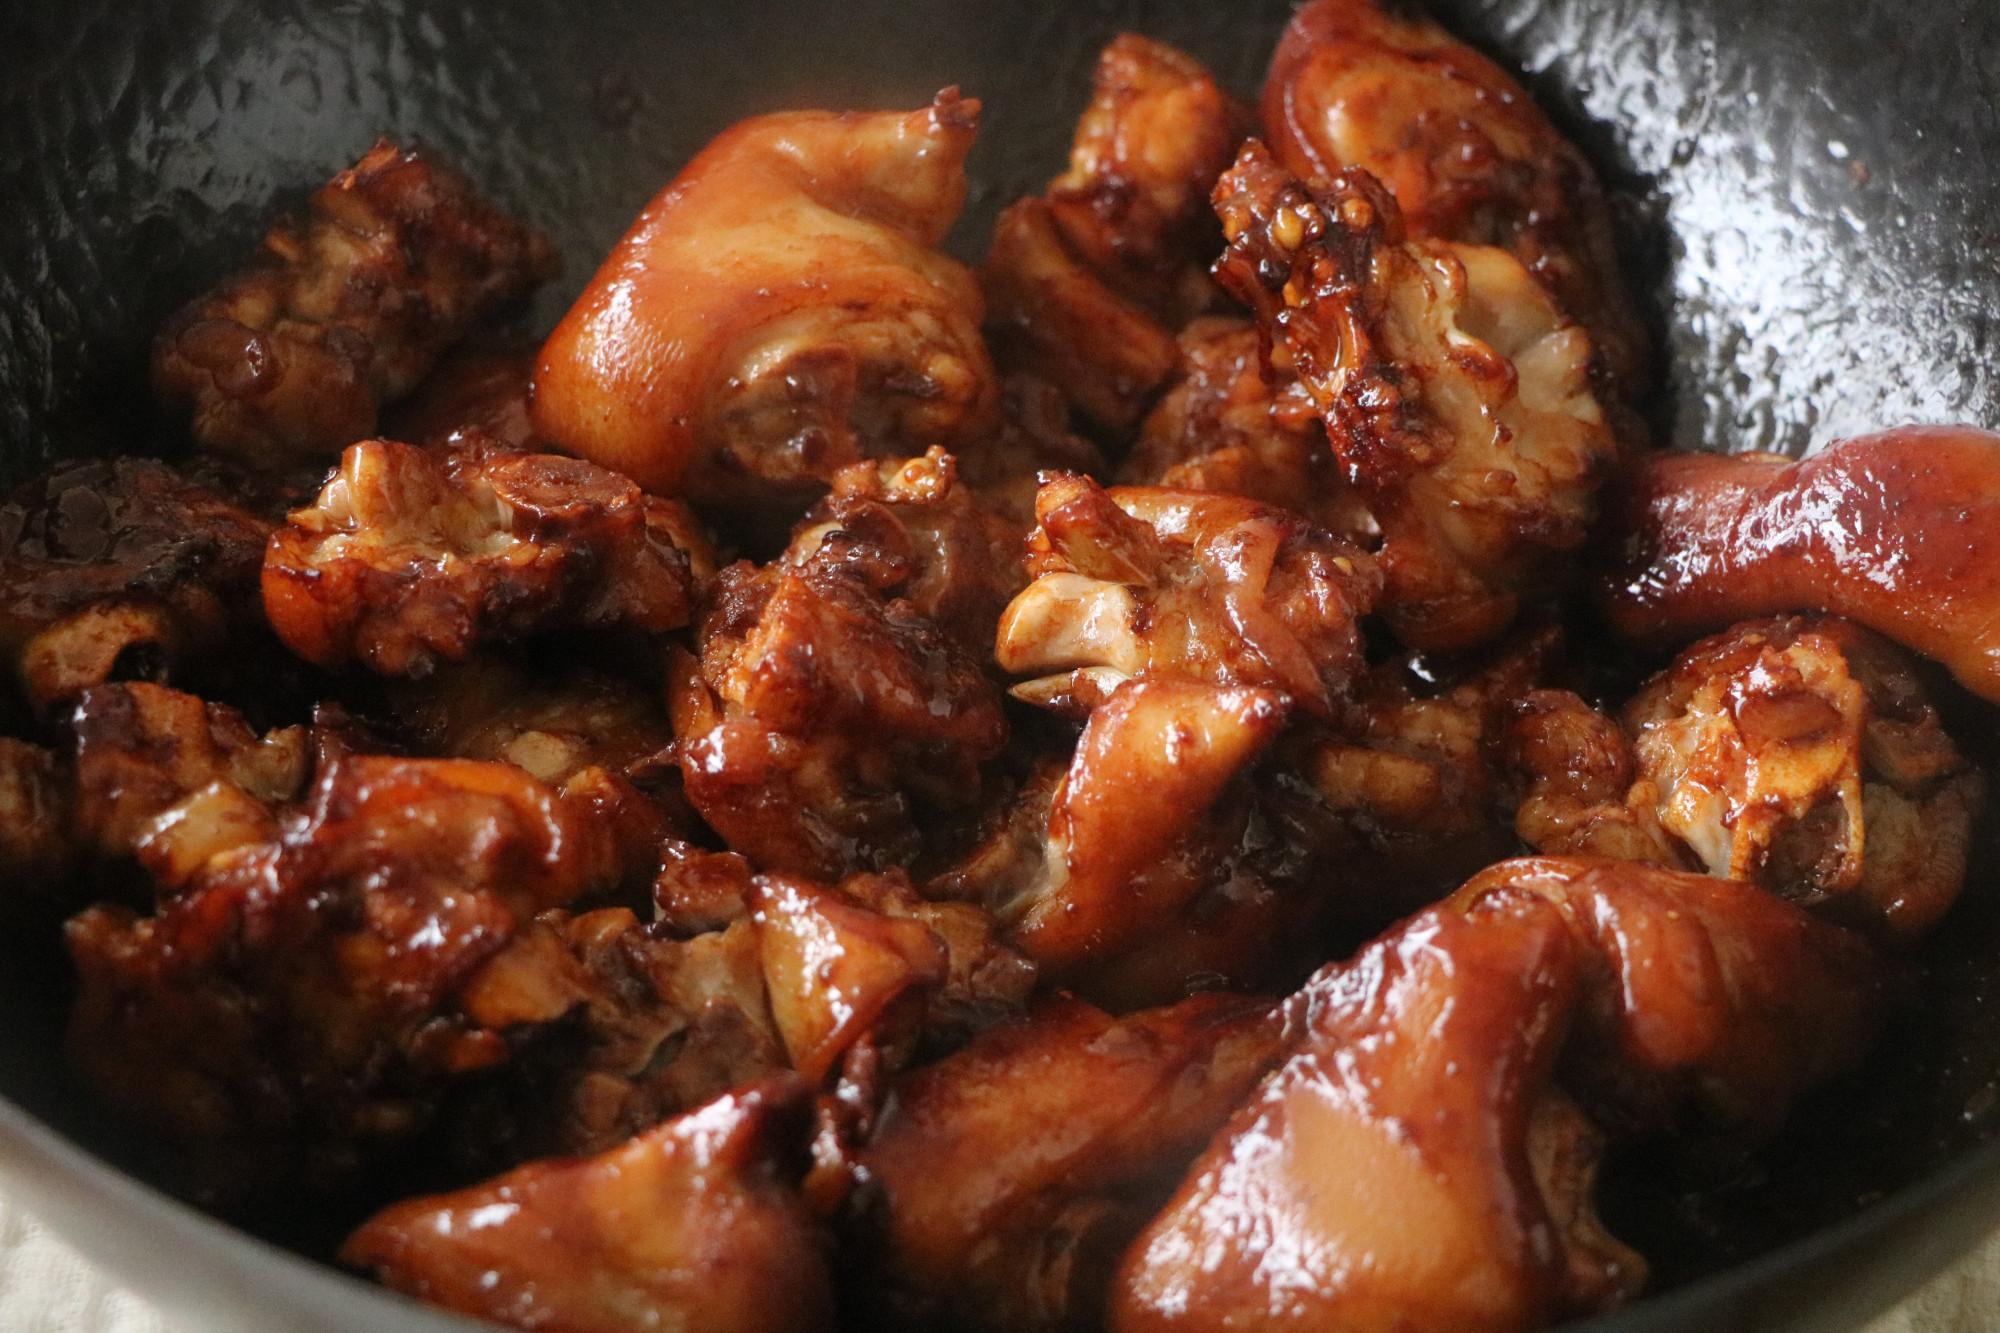 大雪時節,這道肉菜要多吃,軟而不爛,肥而不膩,越吃越暖和! 香